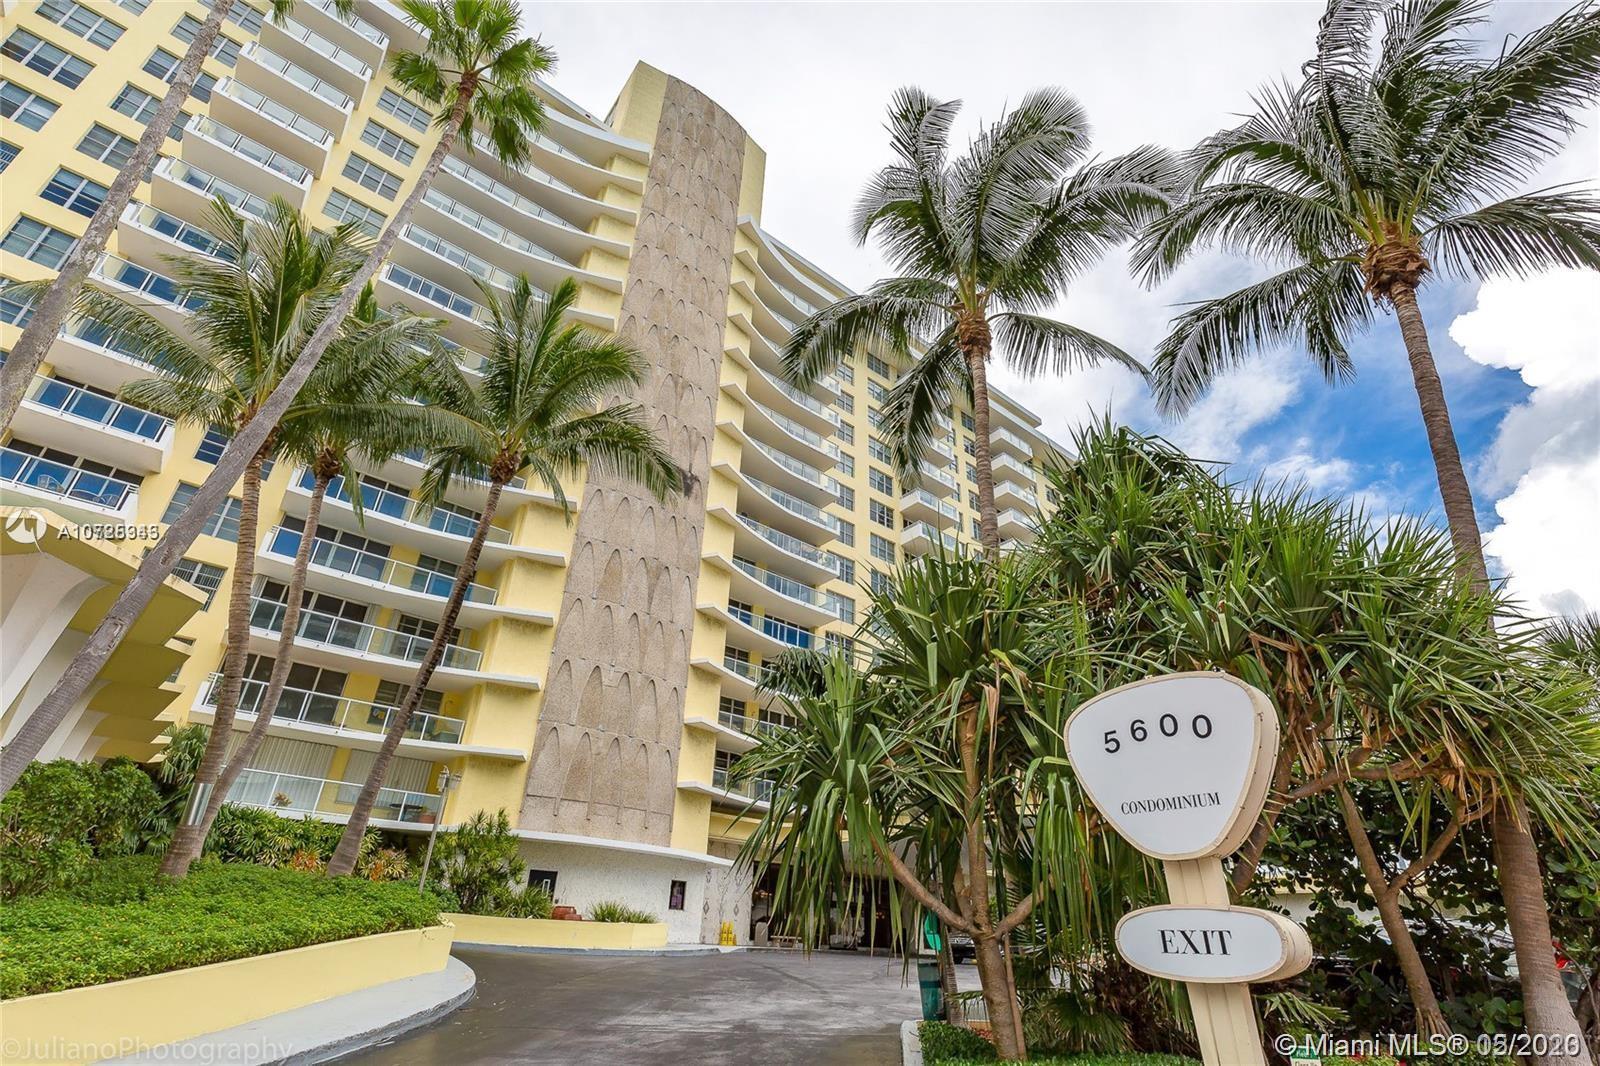 5600 Collins Ave #4M, Miami Beach, FL 33140 - Miami Beach, FL real estate listing